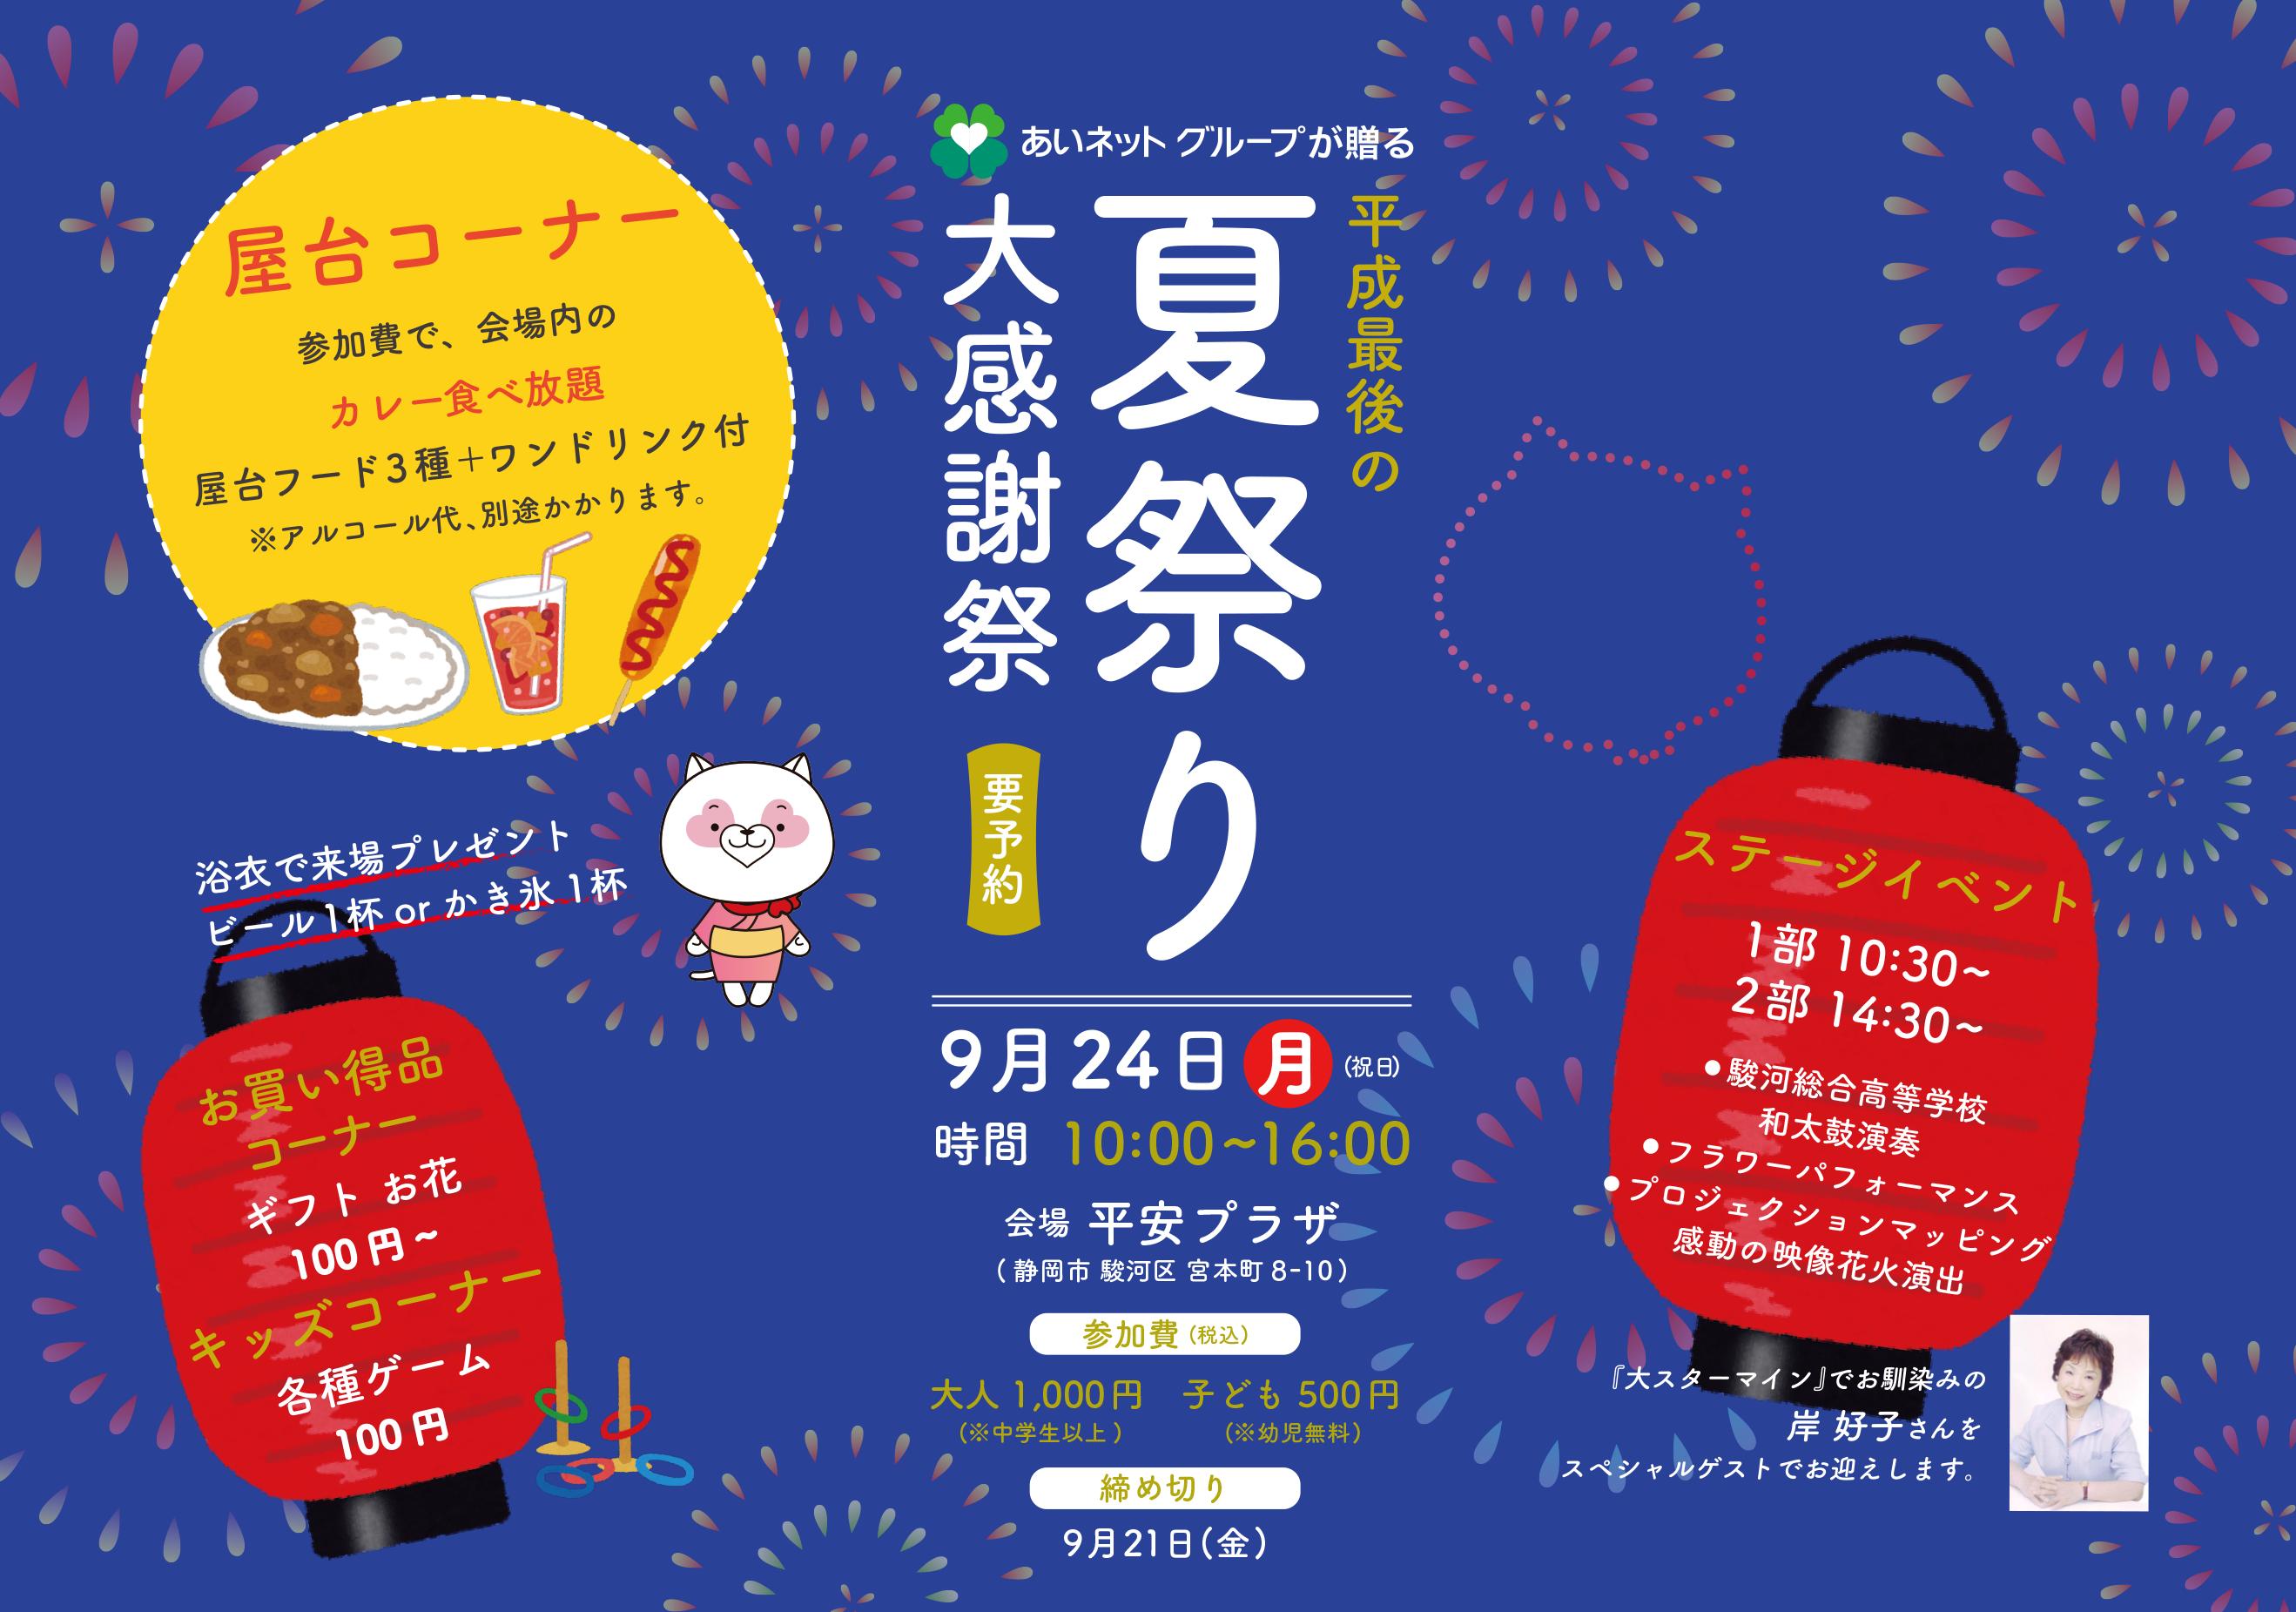 【あいネットグループ大感謝祭】☆★☆平成最後の夏祭り開催♪☆★☆